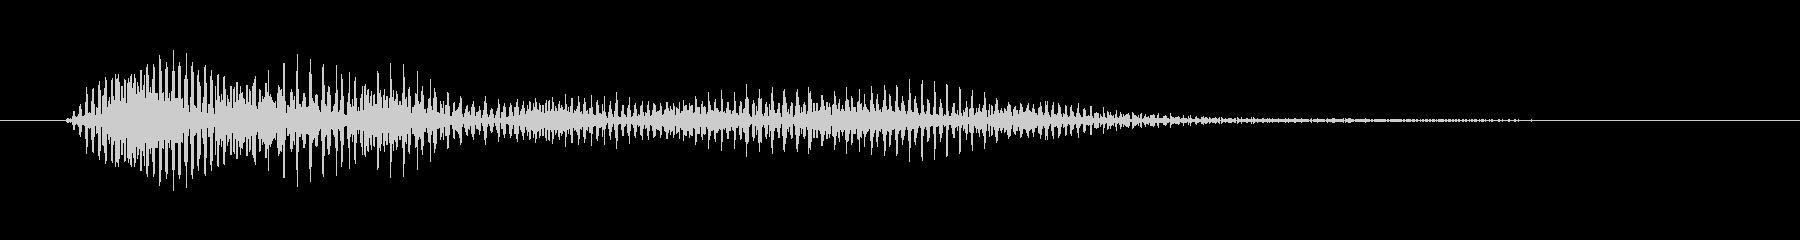 上昇 ショートサイエンスフィクショ...の未再生の波形